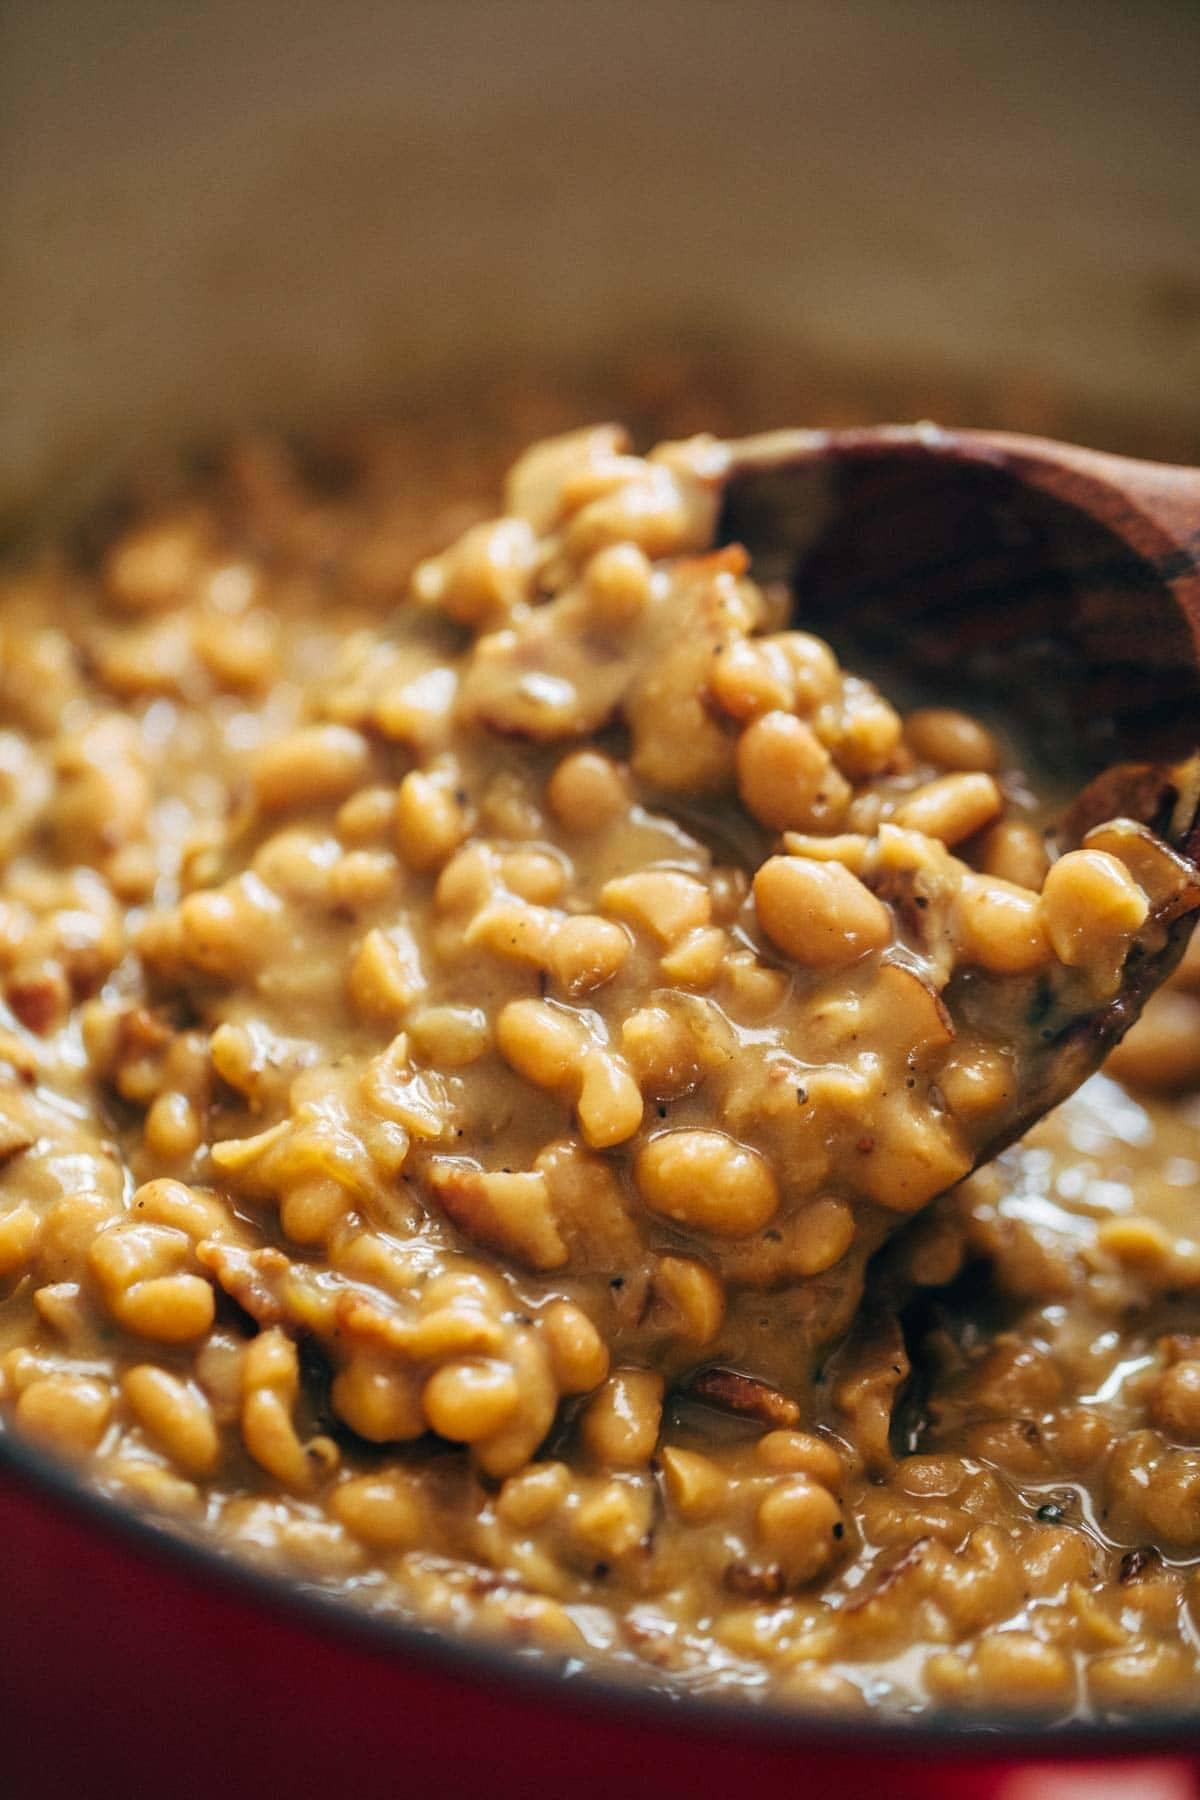 brown sugar baked beans in pan